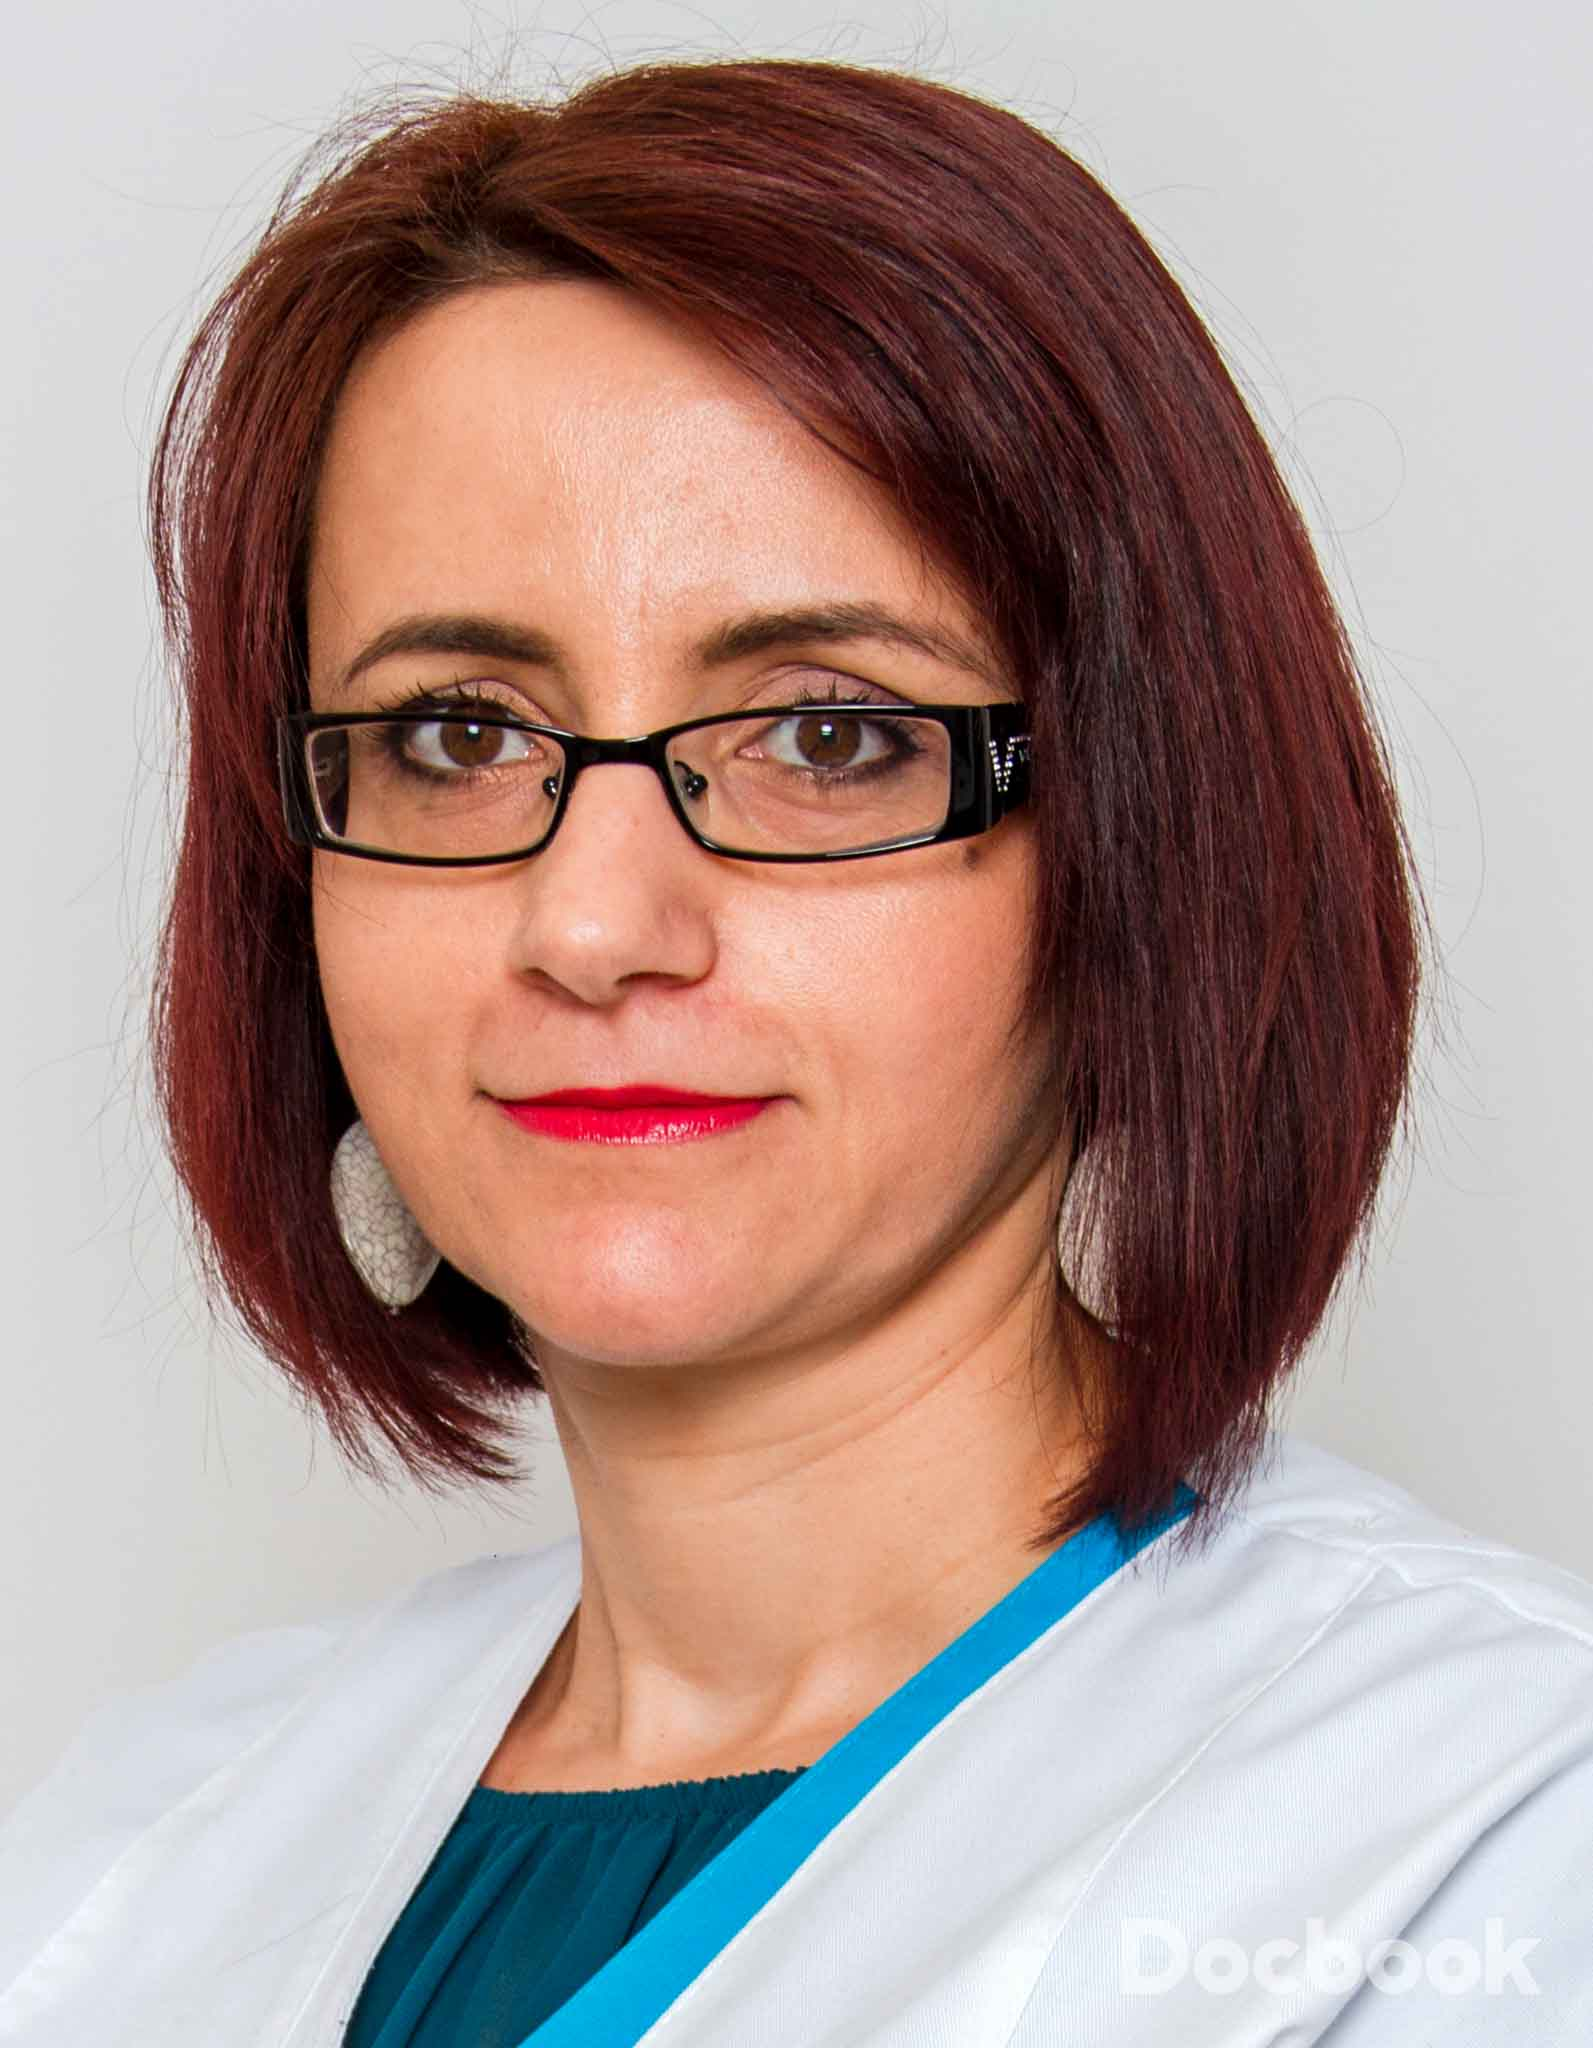 Dr. Angelica Dejan